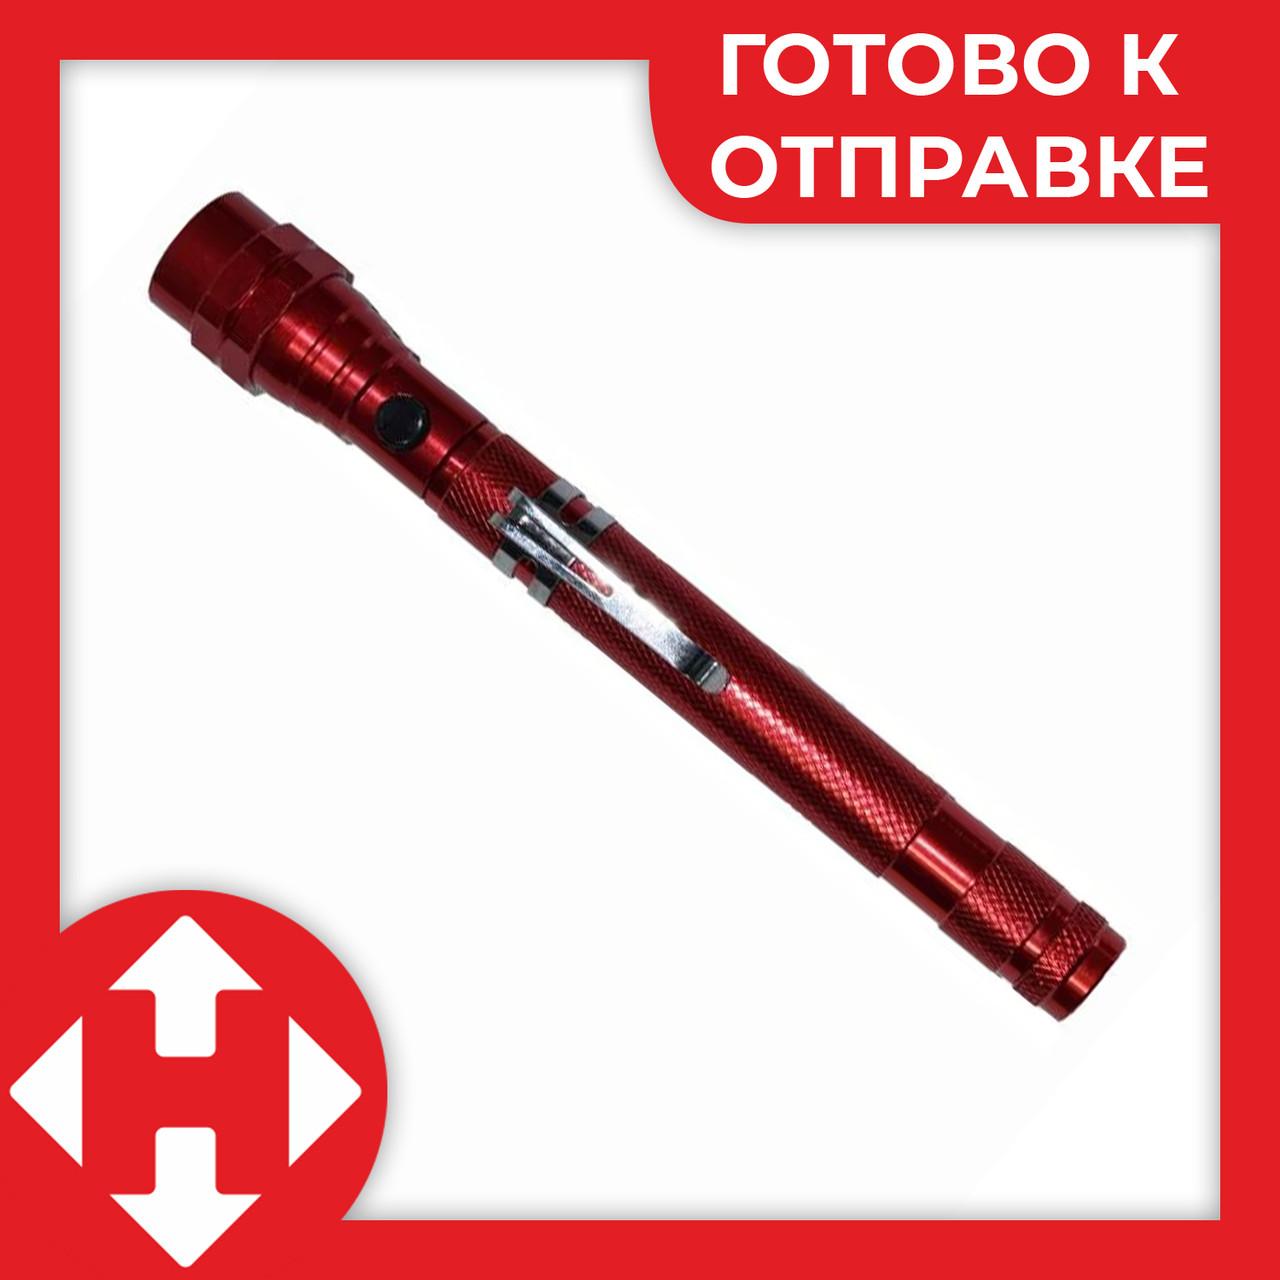 Распродажа! Гибкий ручной лед фонарик для дома BL T 92 яркий светодиодный телескопический фонарь красный